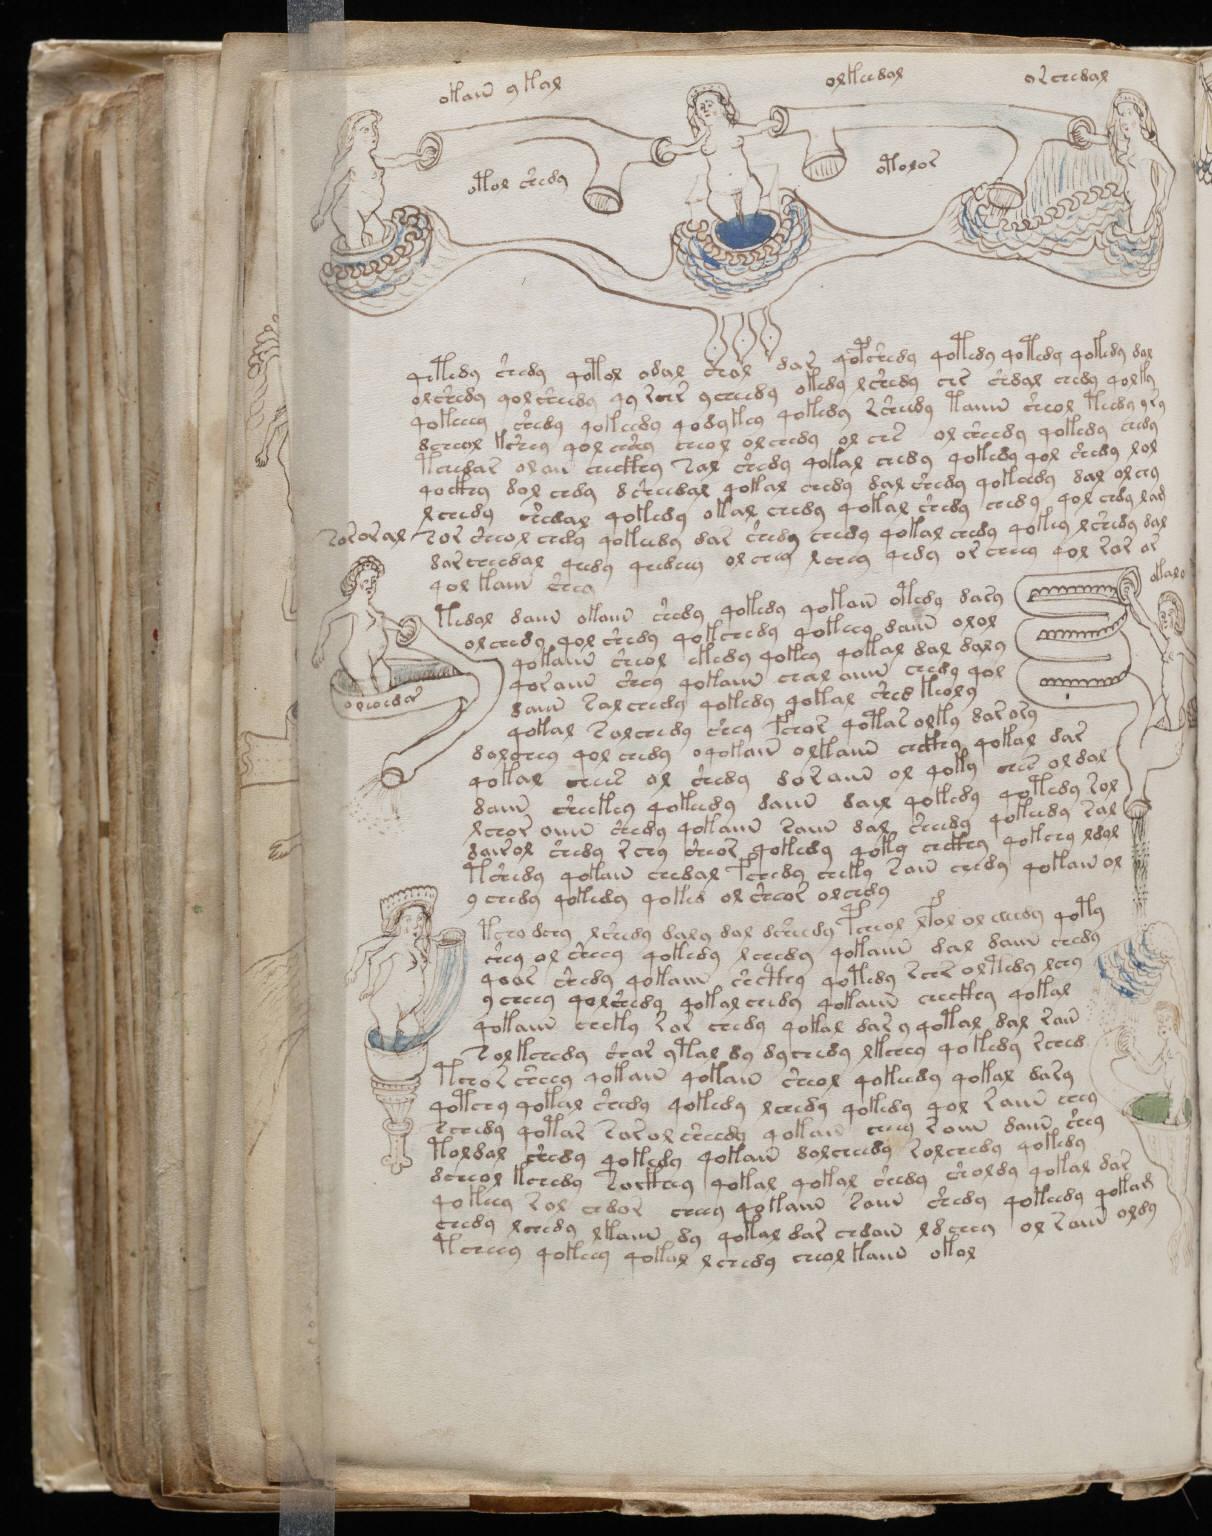 The Voynich Manuscript Decoded File Voynich Manuscript 140